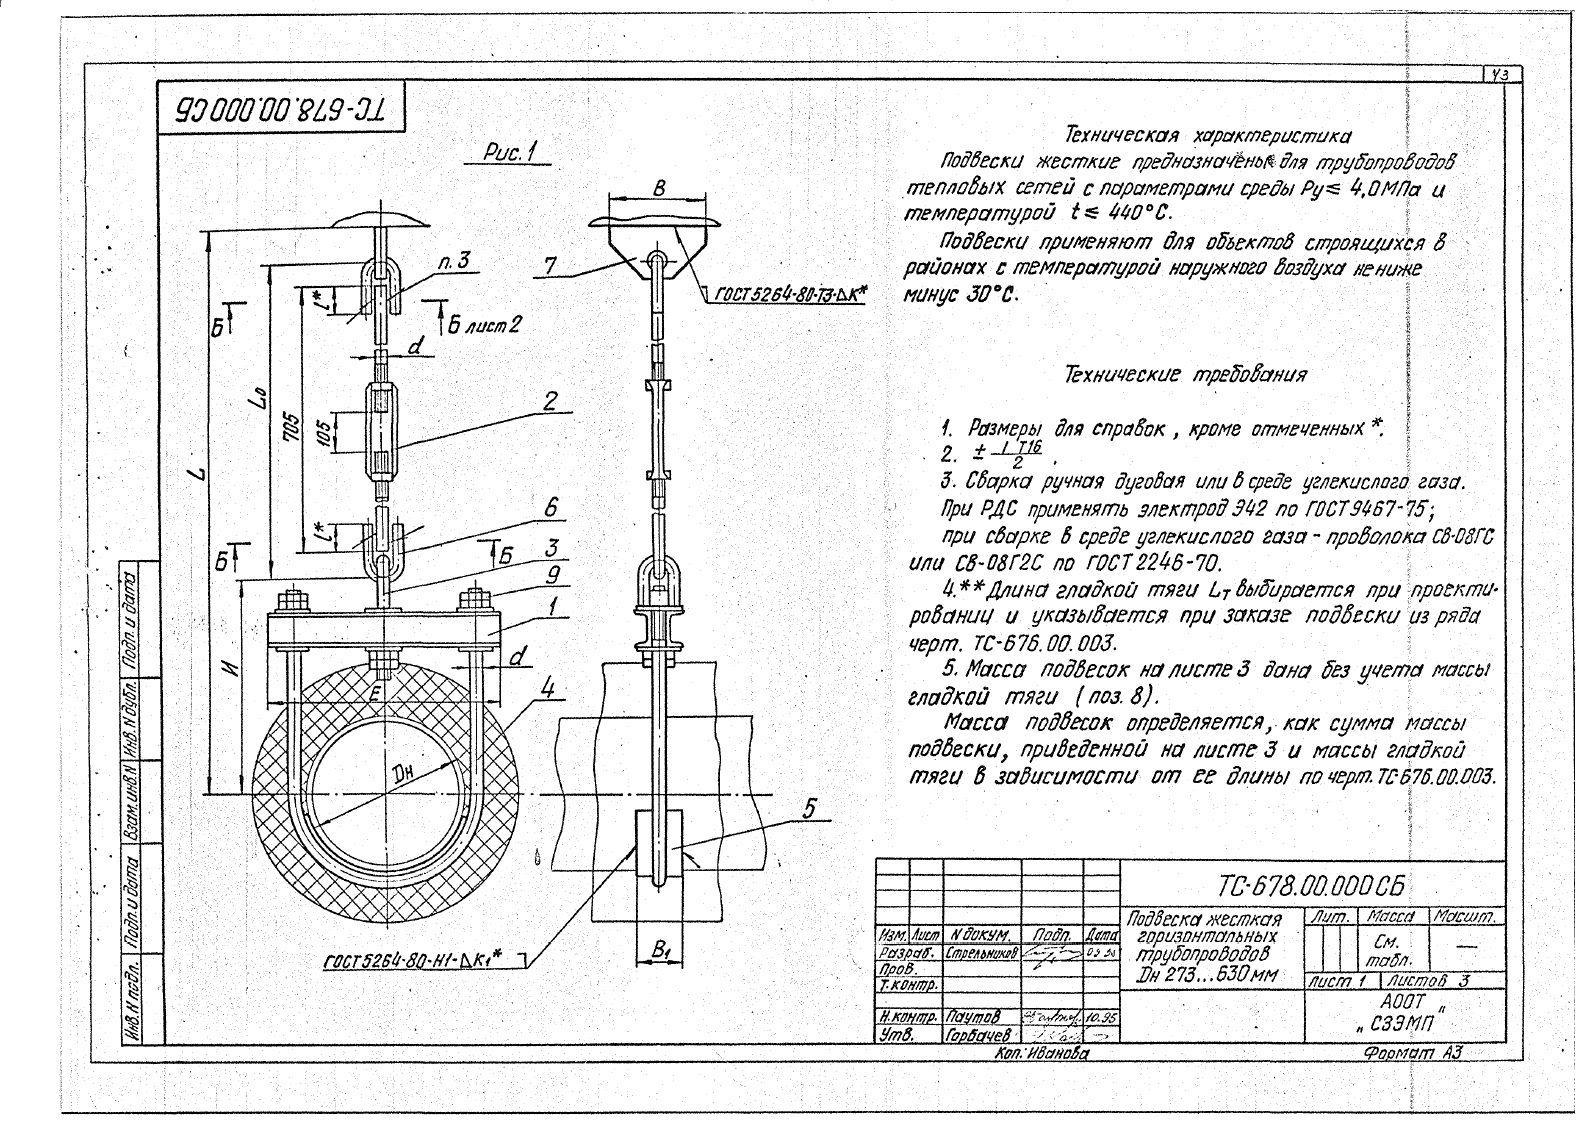 Подвески жесткие Дн 273-630 ТС-678 с.5.903-13 вып.6-95 стр.1